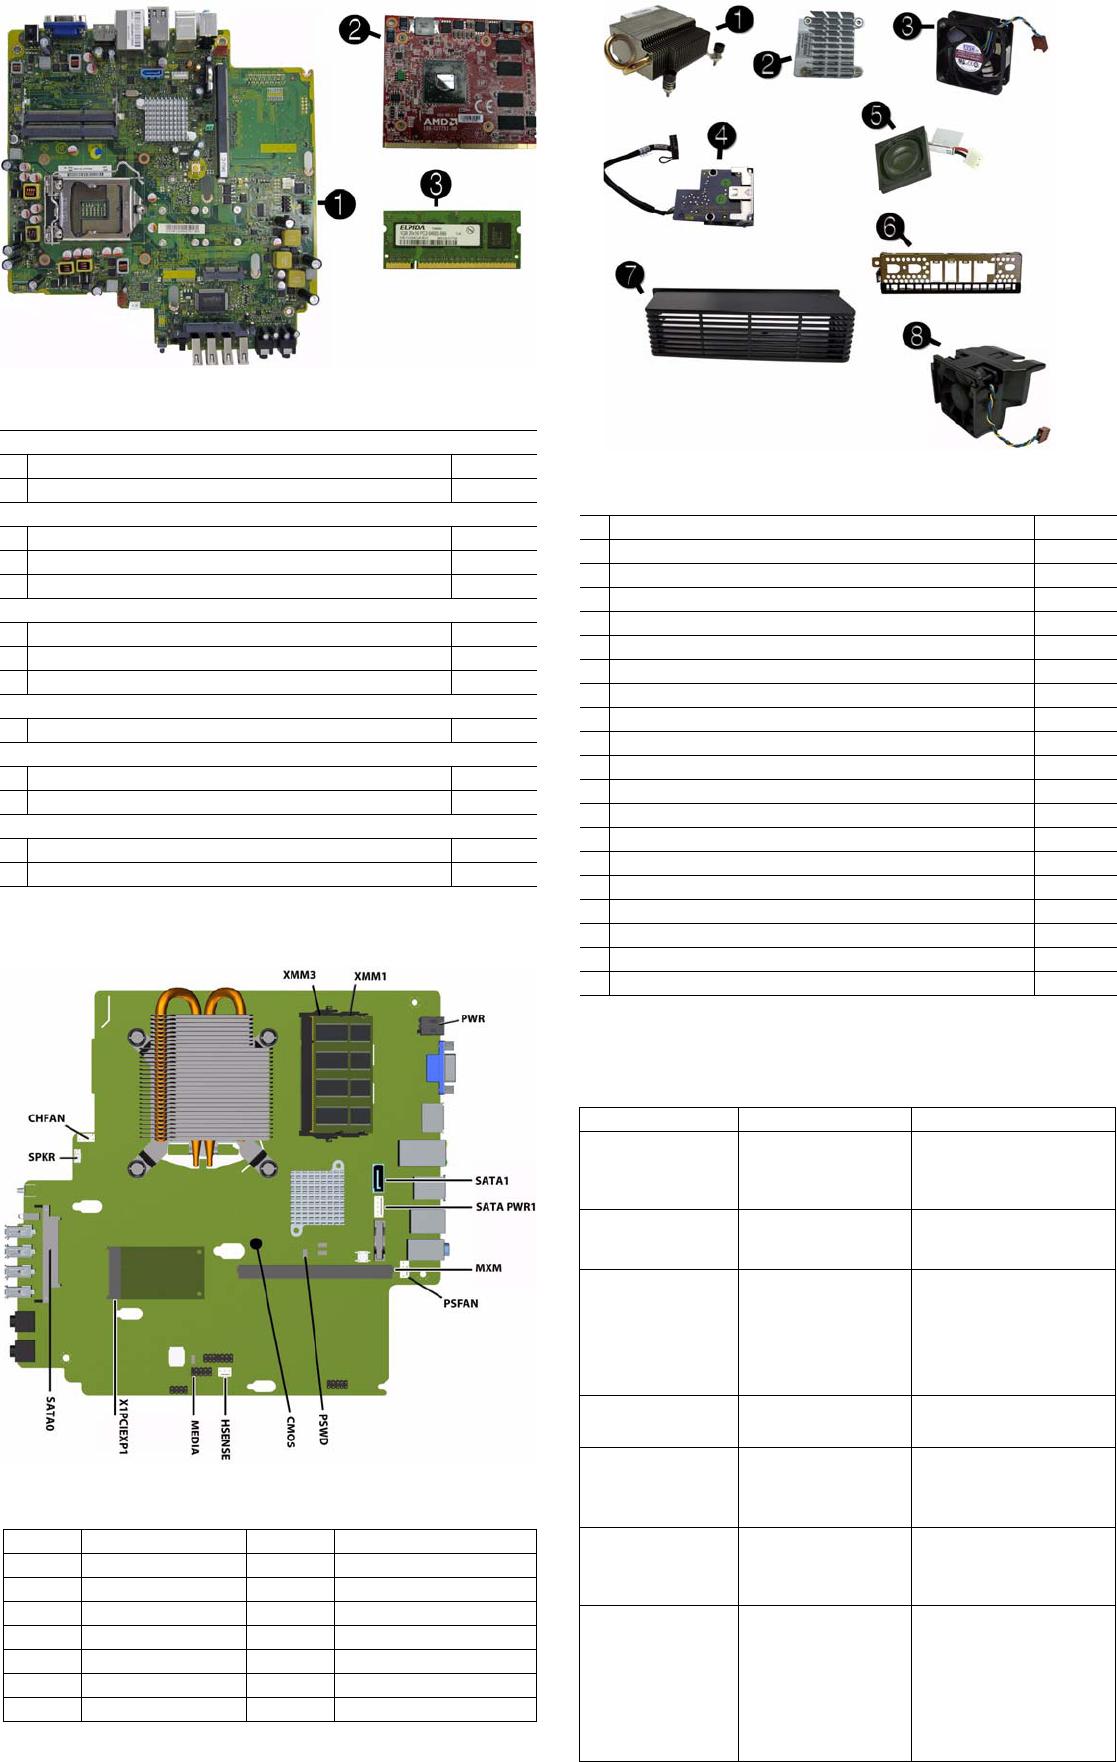 Hp 8200 Elite Motherboard Diagram